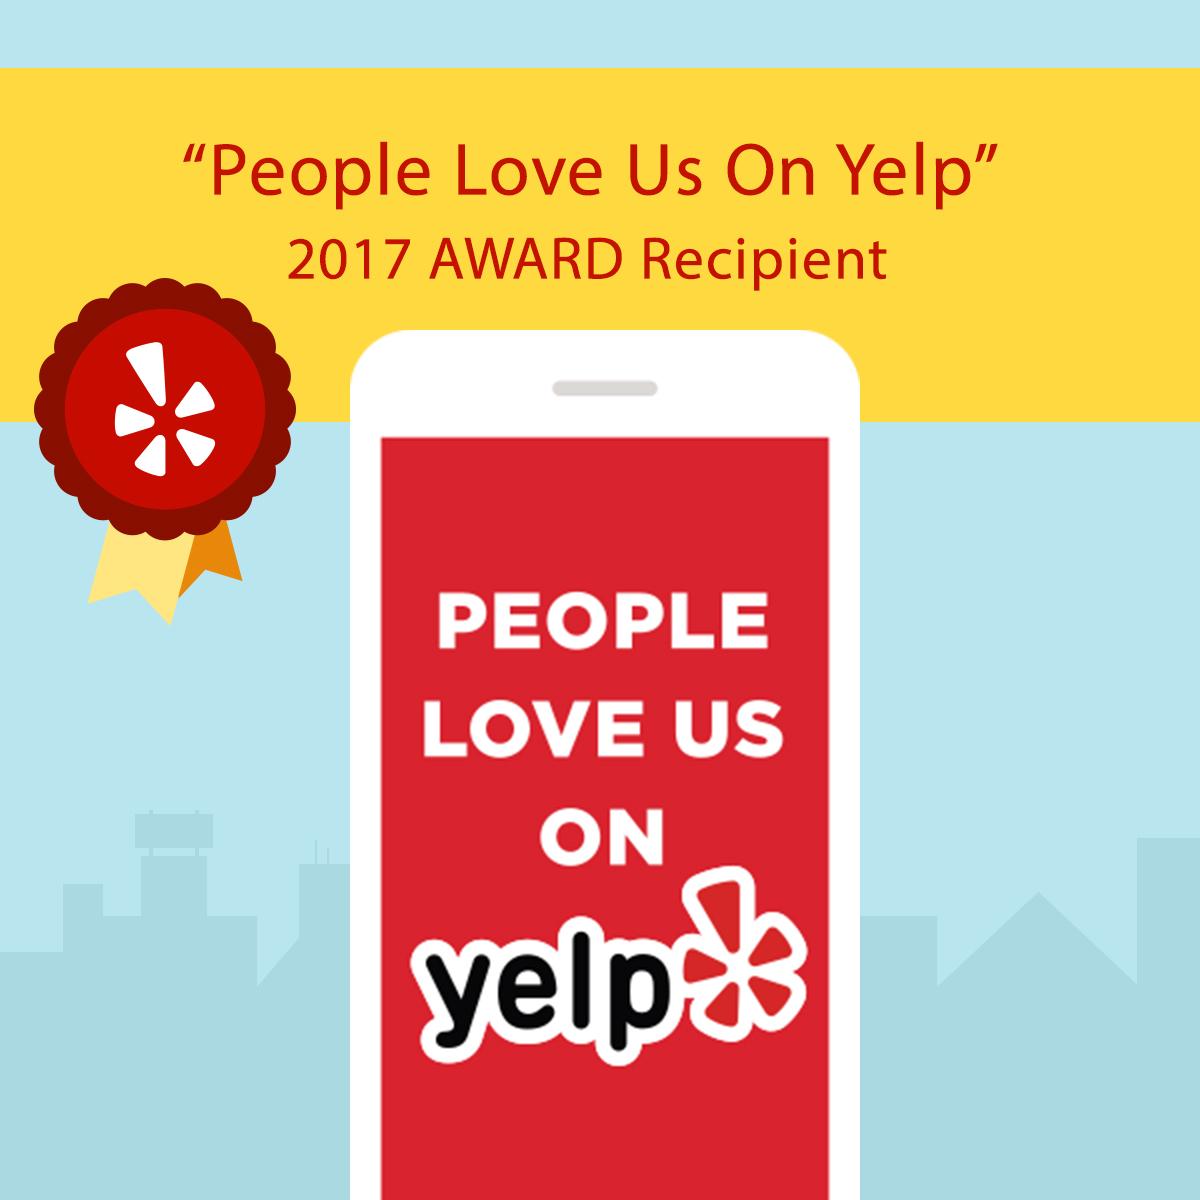 Winner 2017 YELP Award